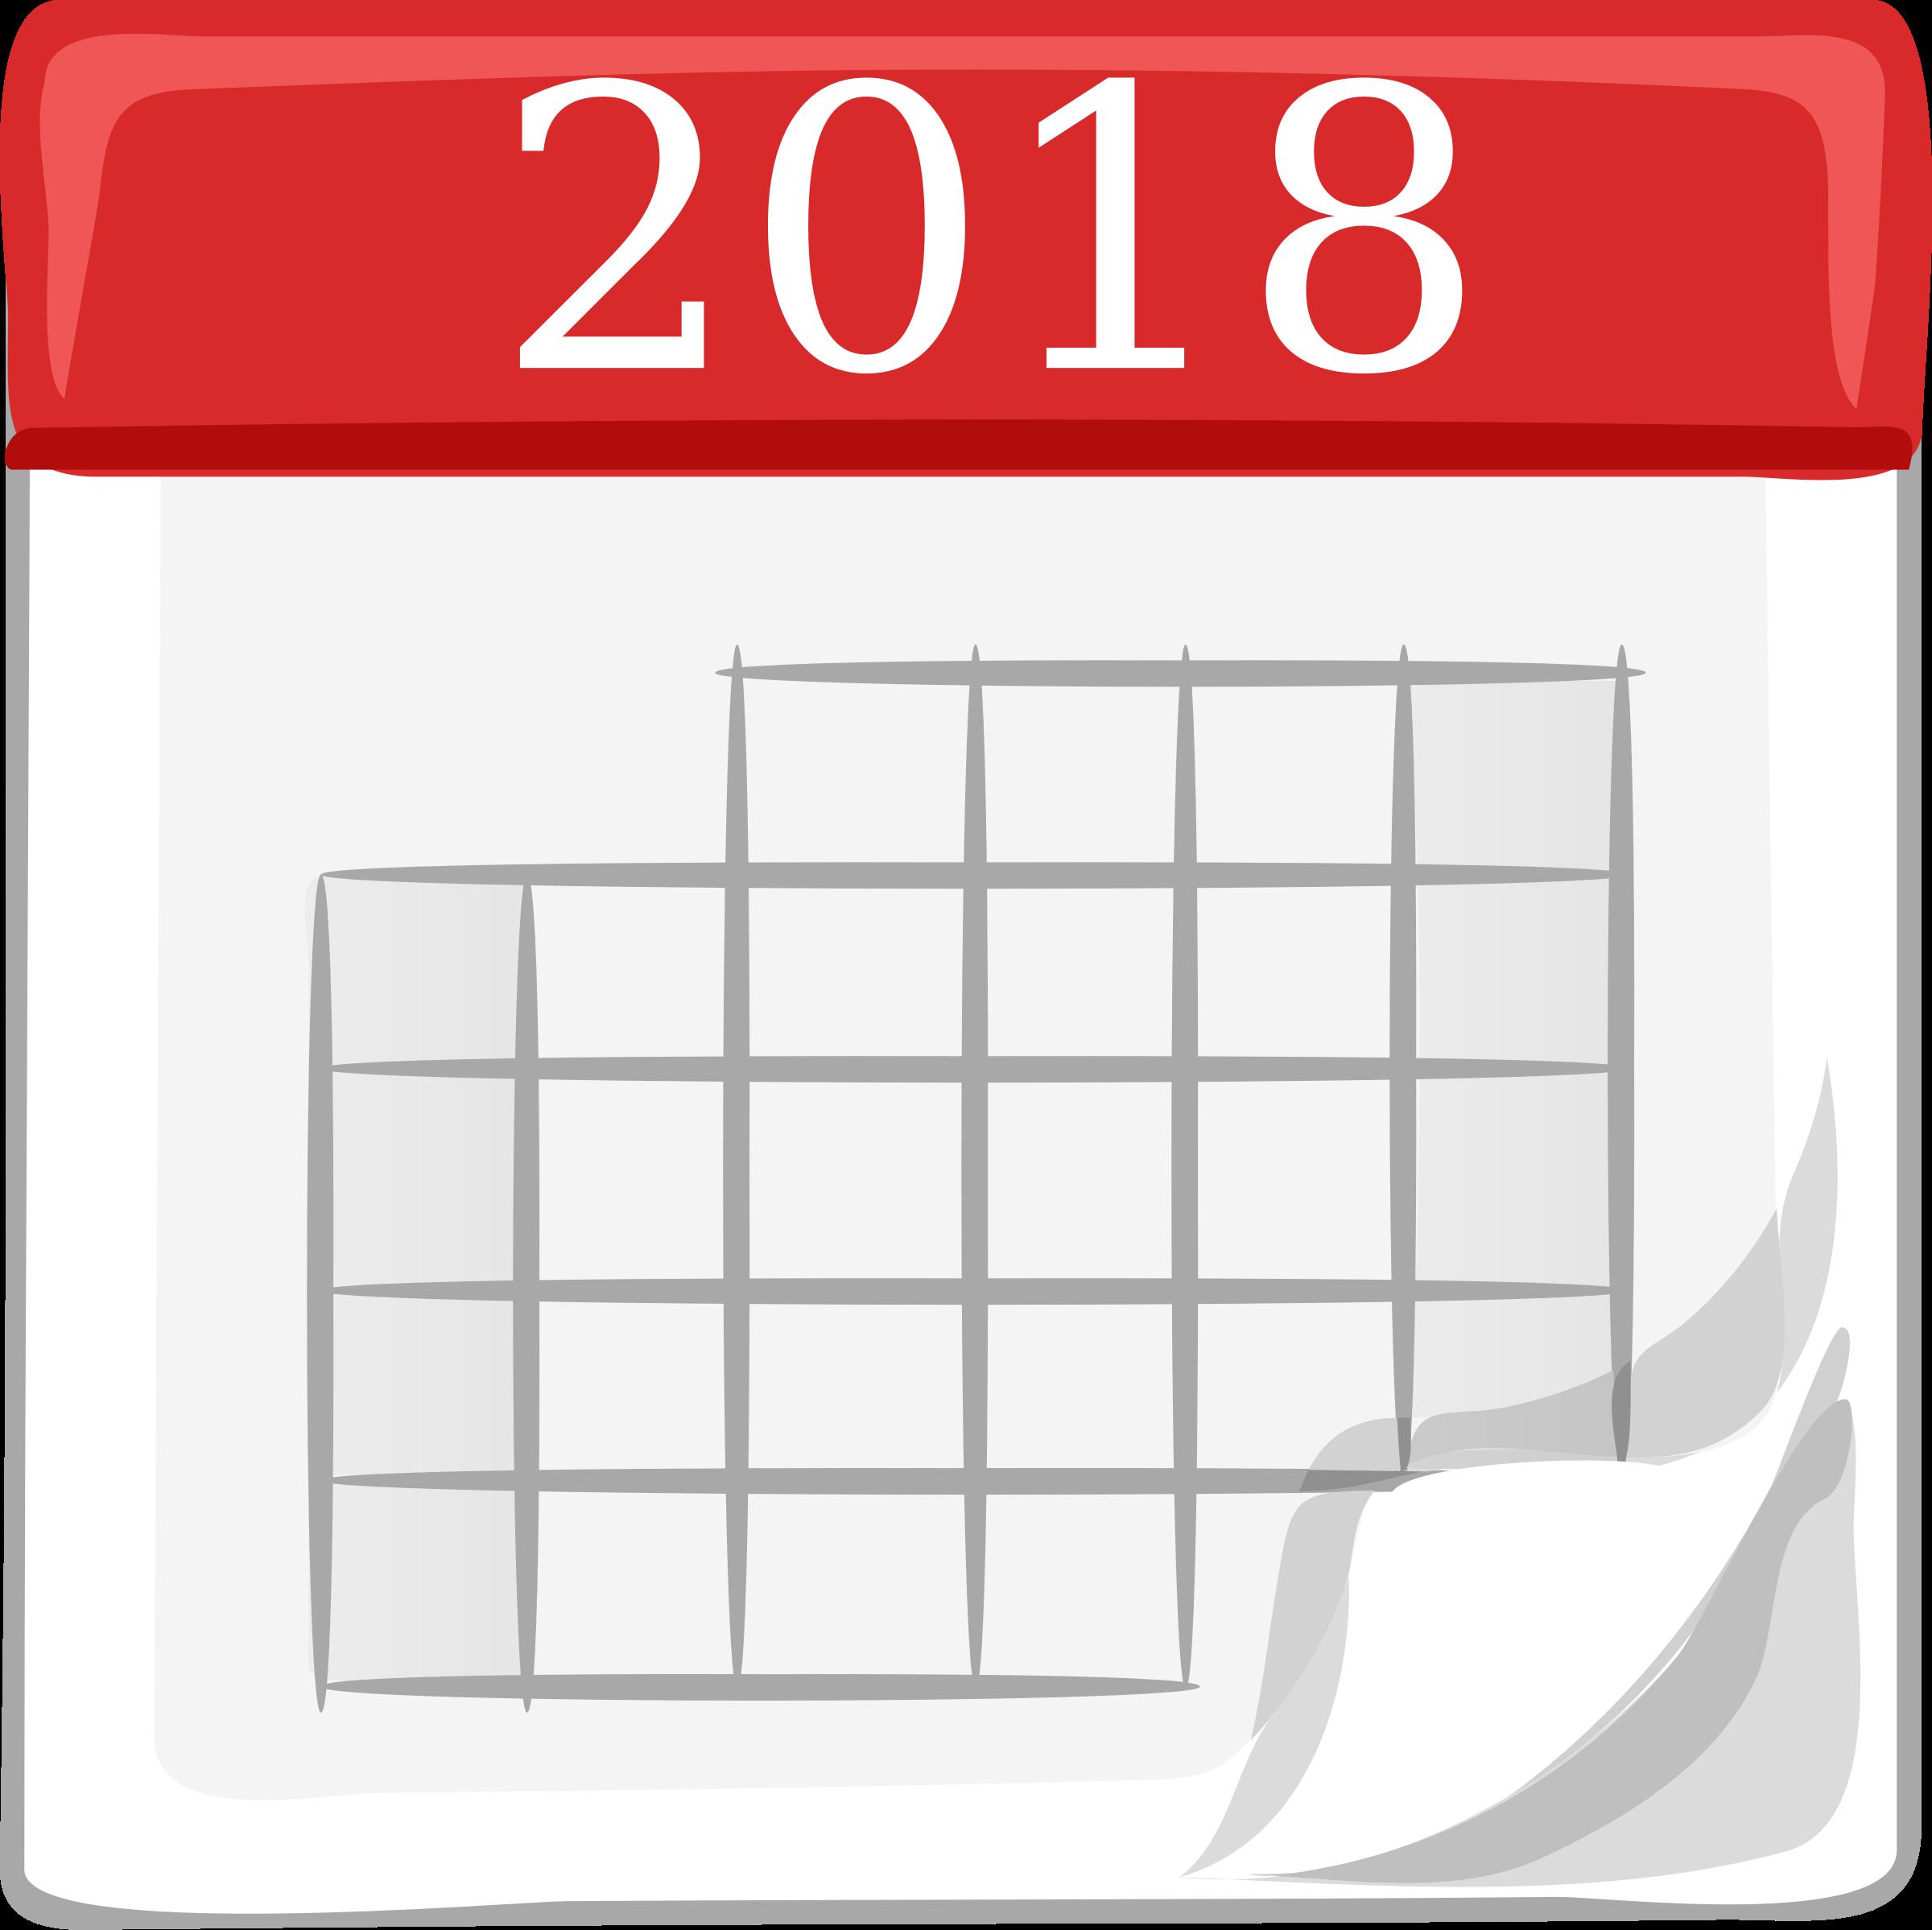 Clipart calendar. Big image png